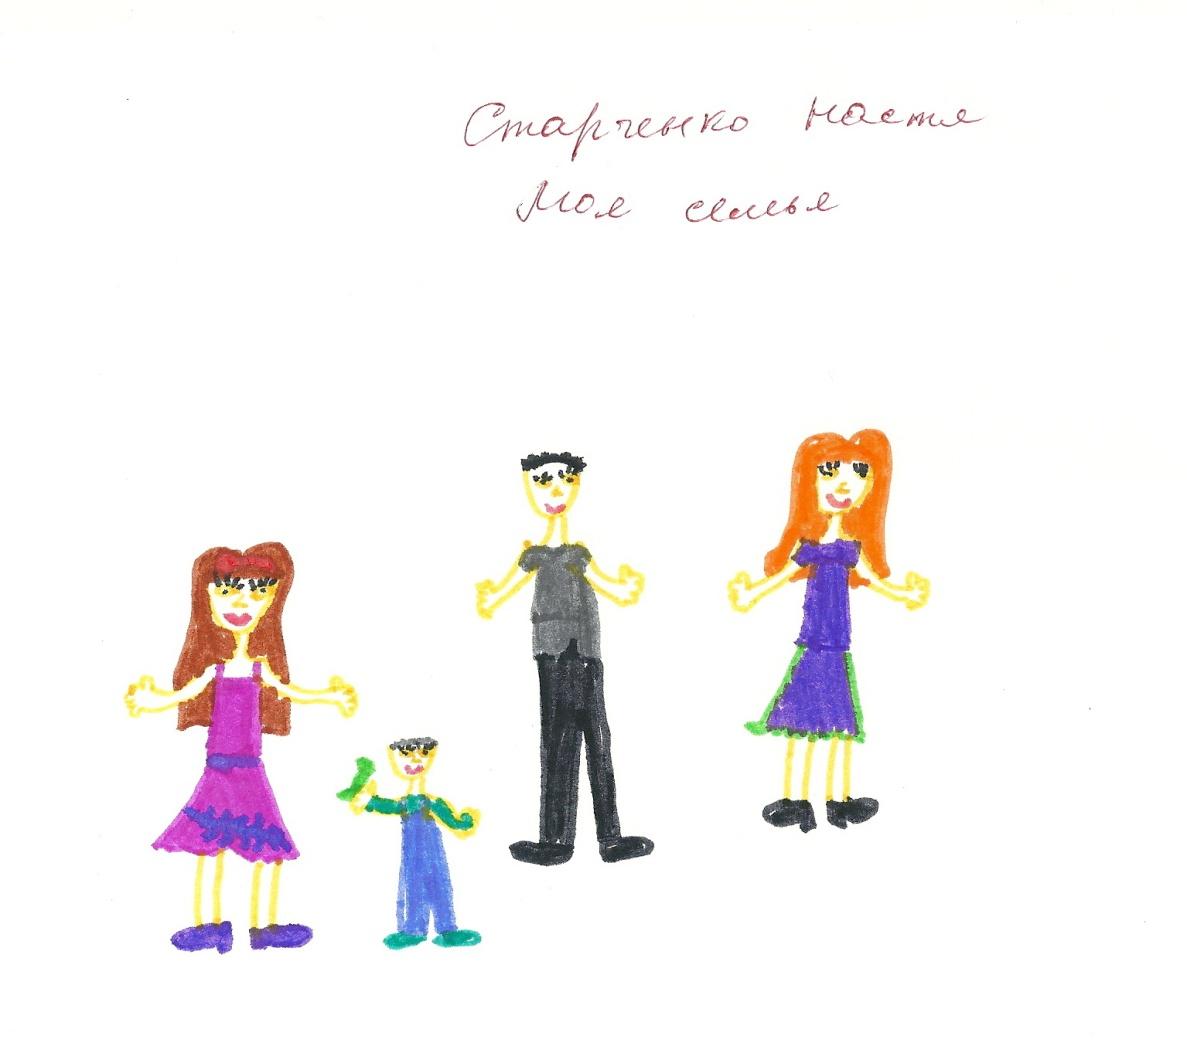 C:\Users\NecroS\Pictures\Мои сканированные изображения\2013-05 (май) Моя семья рисунки детей\сканирование0015.jpg